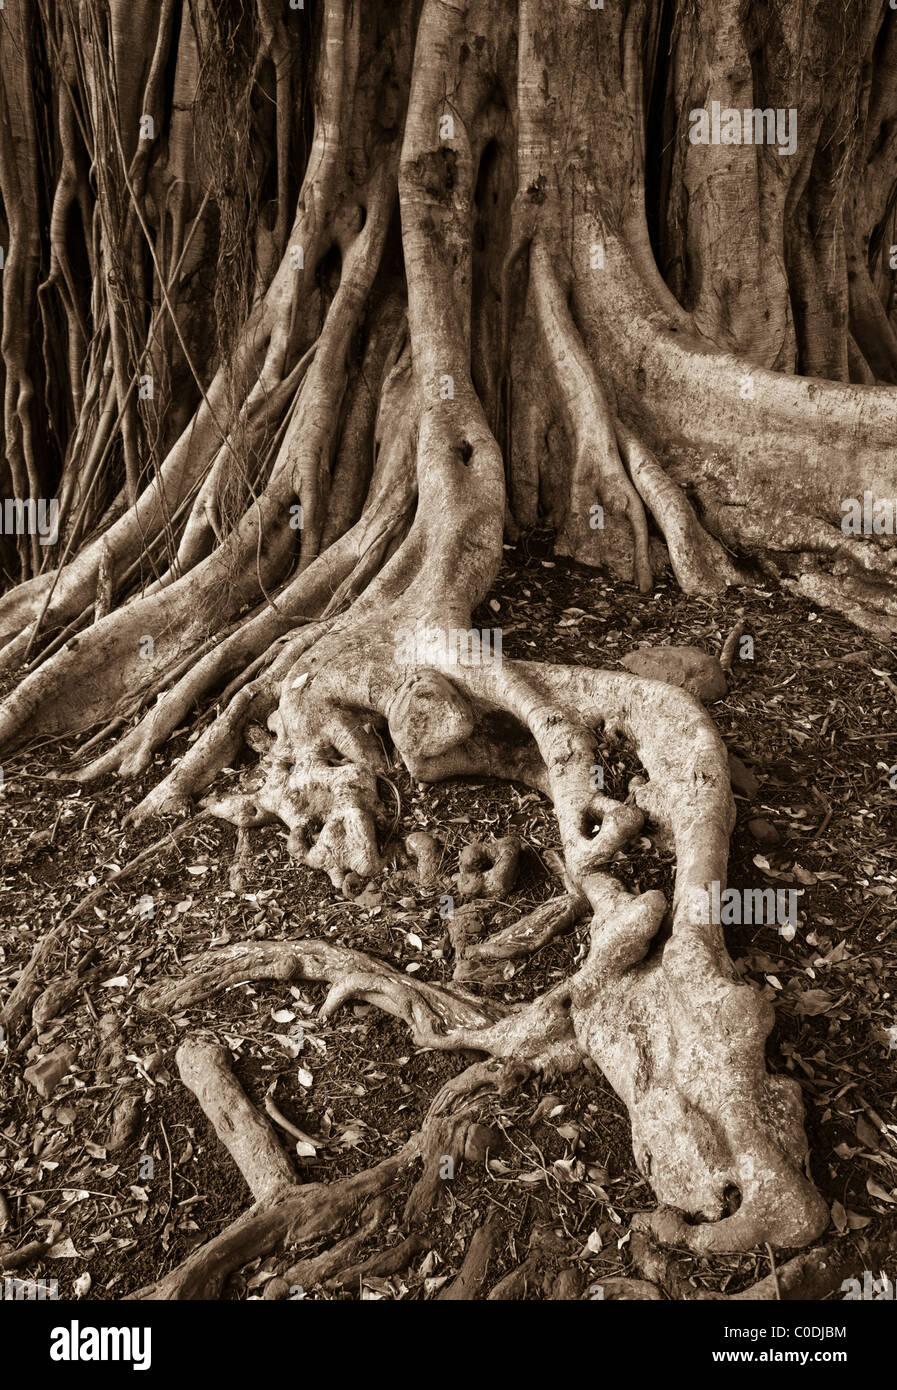 Banyan tree roots, Pipiwai Trail, Haleakala National Park Kipahulu District, Hana Coast, Maui, Hawaii. - Stock Image